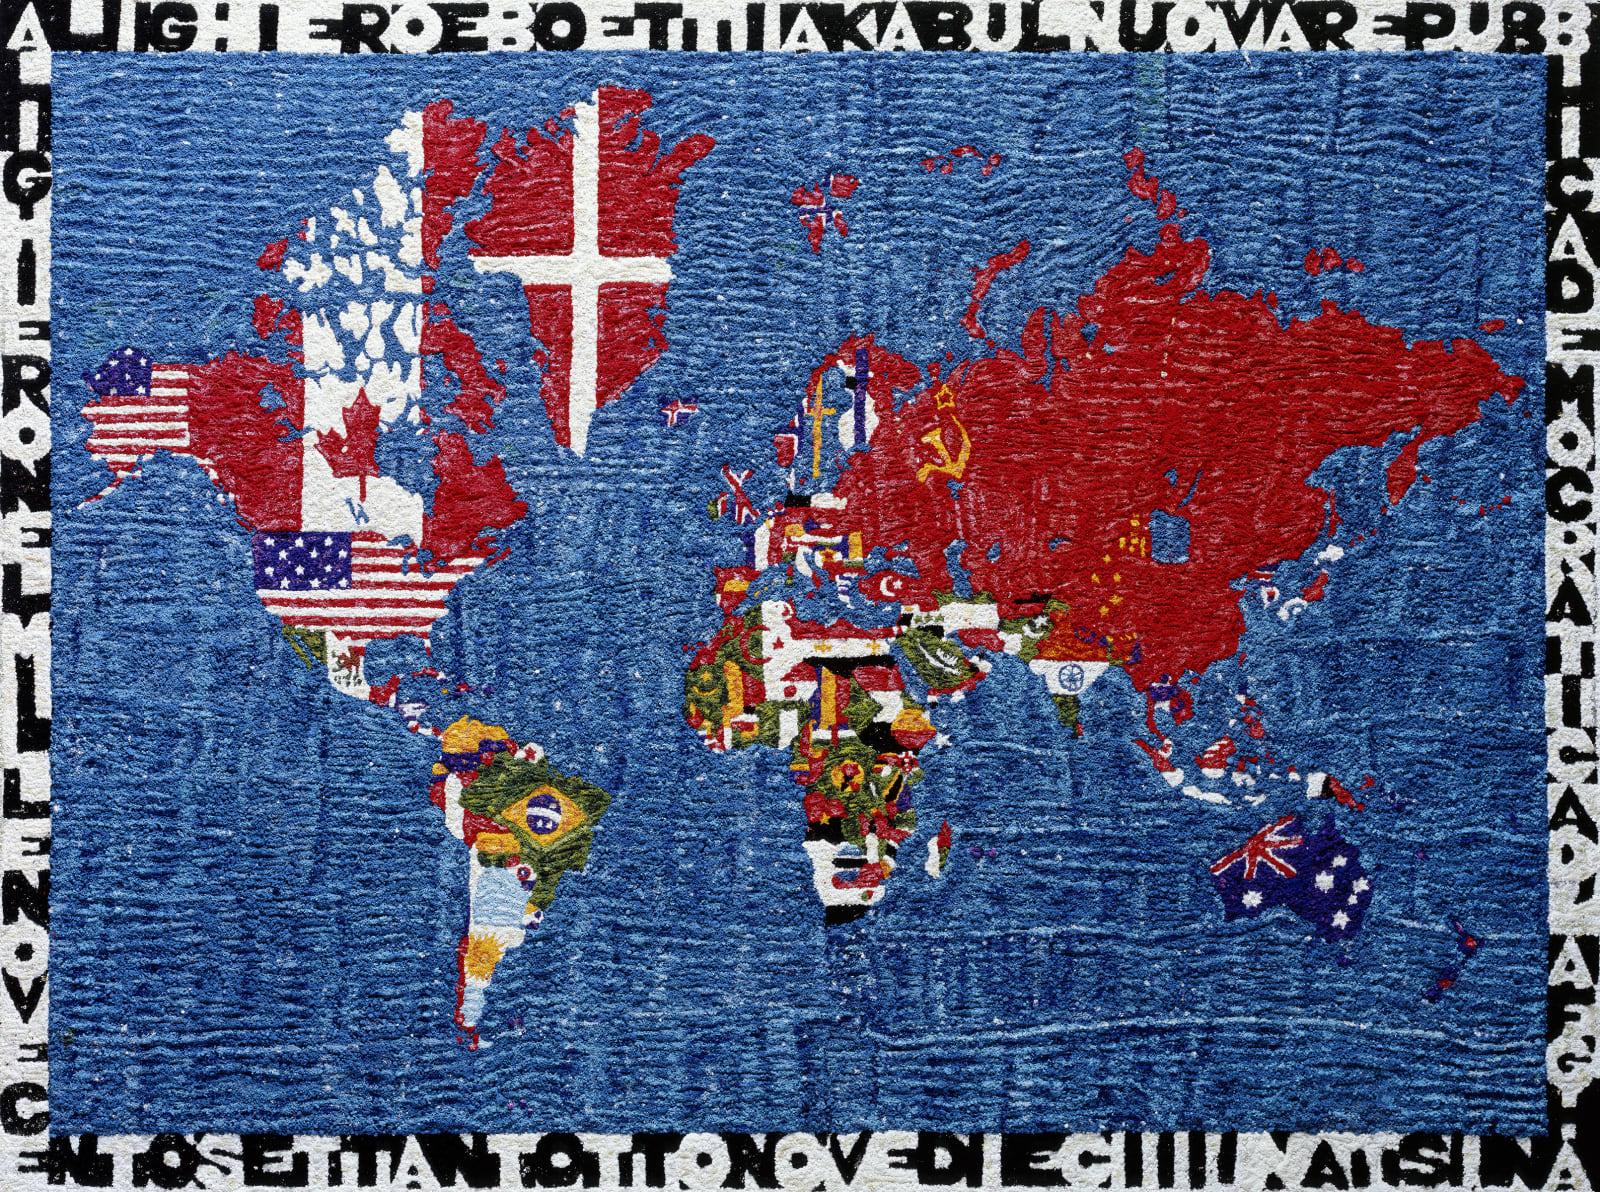 Cartina Del Mondo On Line.Vik Muniz Mappa Del Mondo After Alighiero Boetti Pictures Of Pigment 2009 Ben Brown